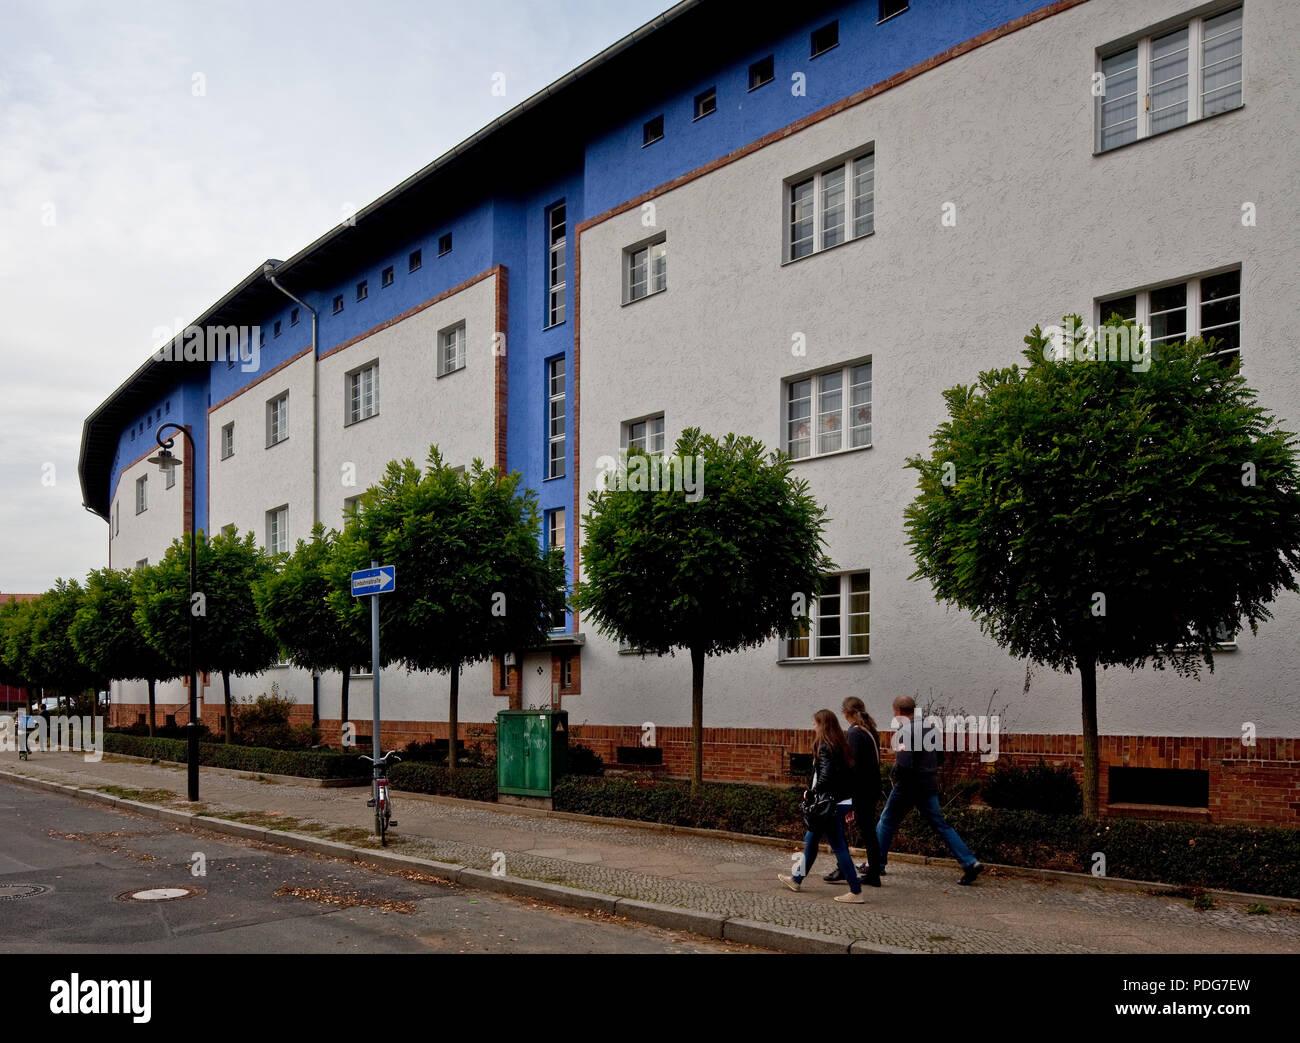 Außenseite der Hufeisen-Randbebauung mit farbig gestalteter Fassade - Stock Image